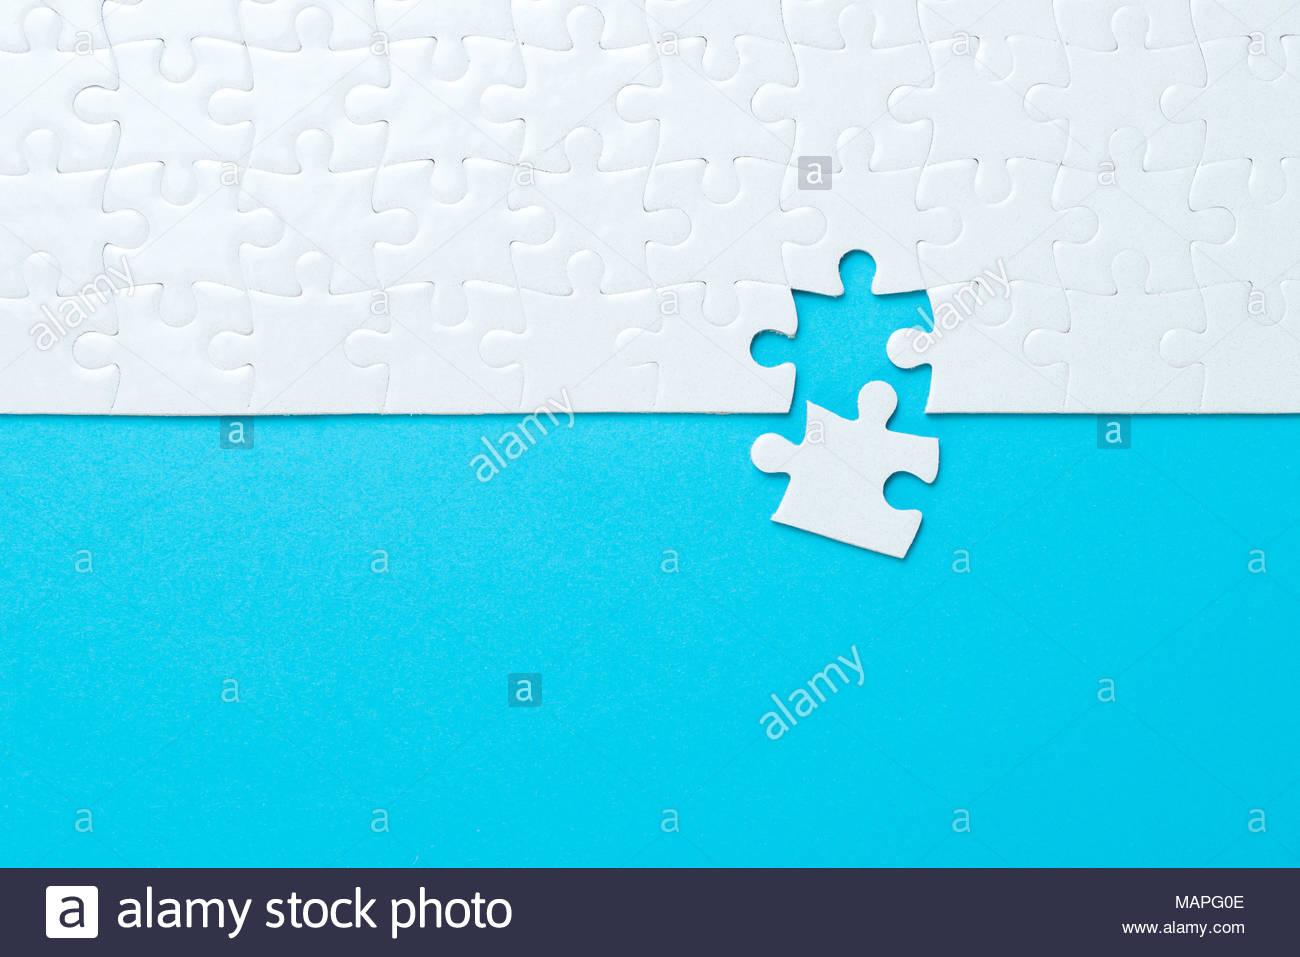 Fond Bleu Fabriqué À Partir De Puzzle Banque D'images, Photo encequiconcerne Puzzle À Partir De Photo